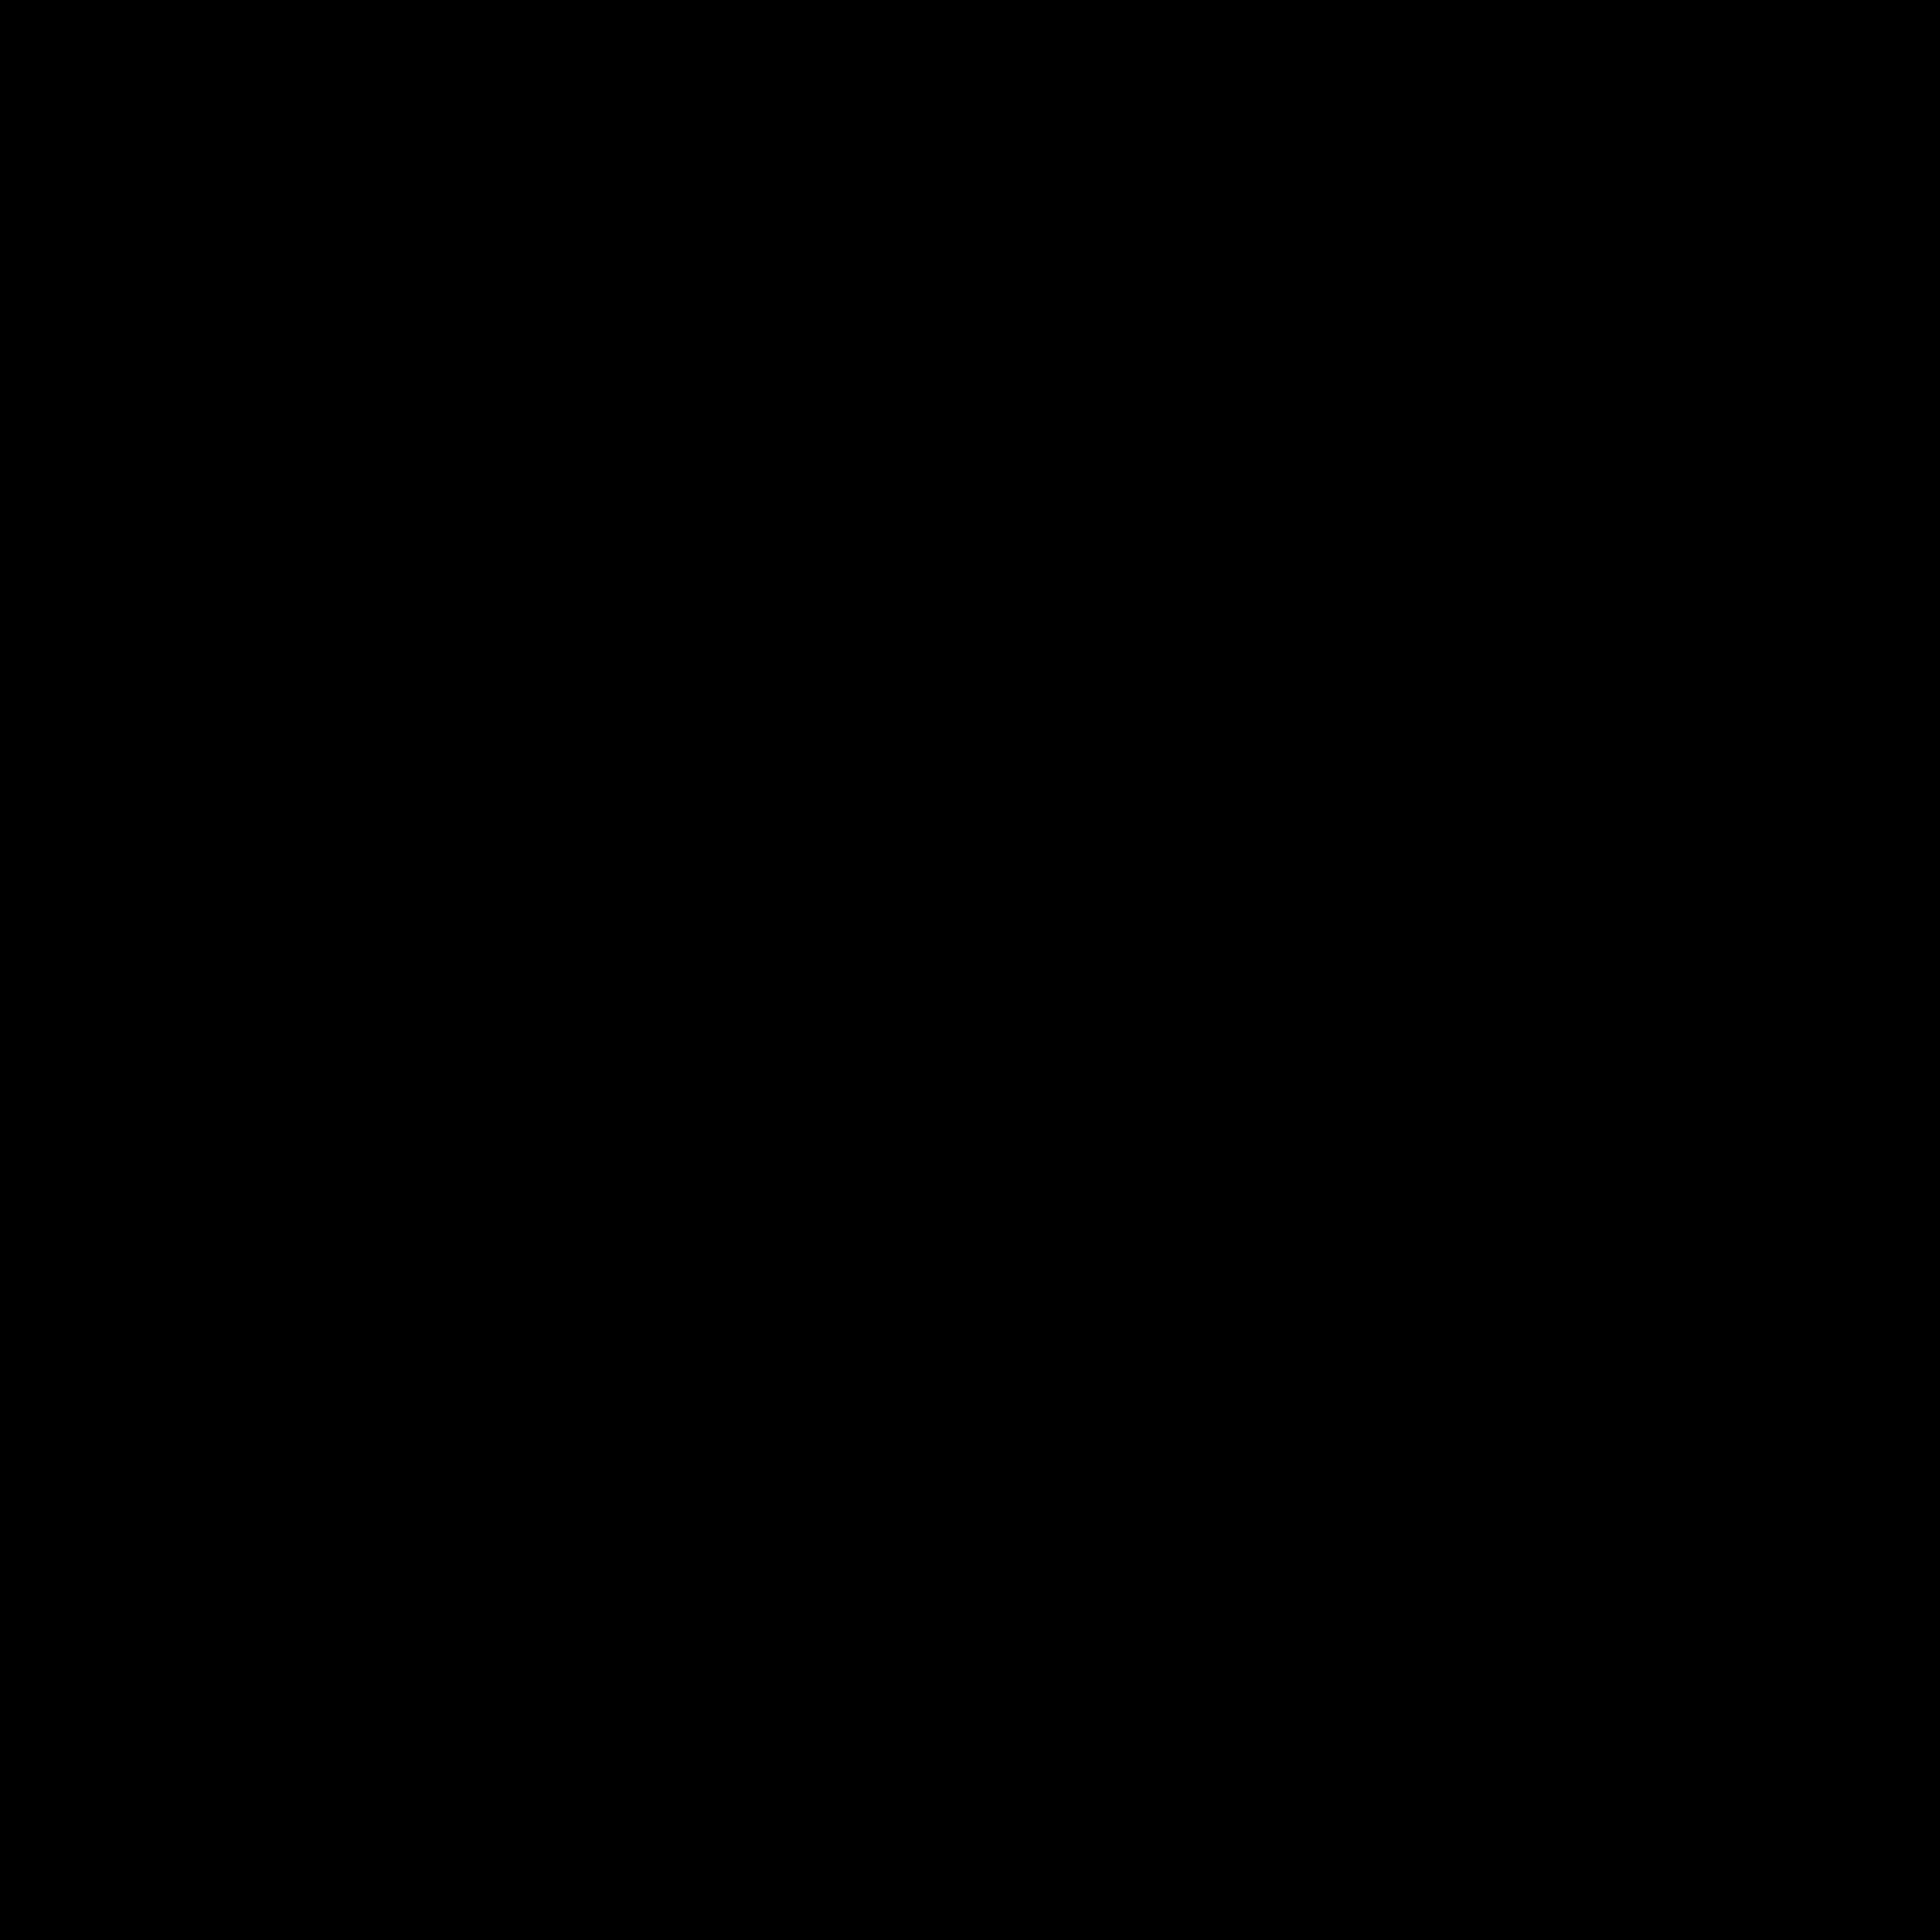 Open dmg file